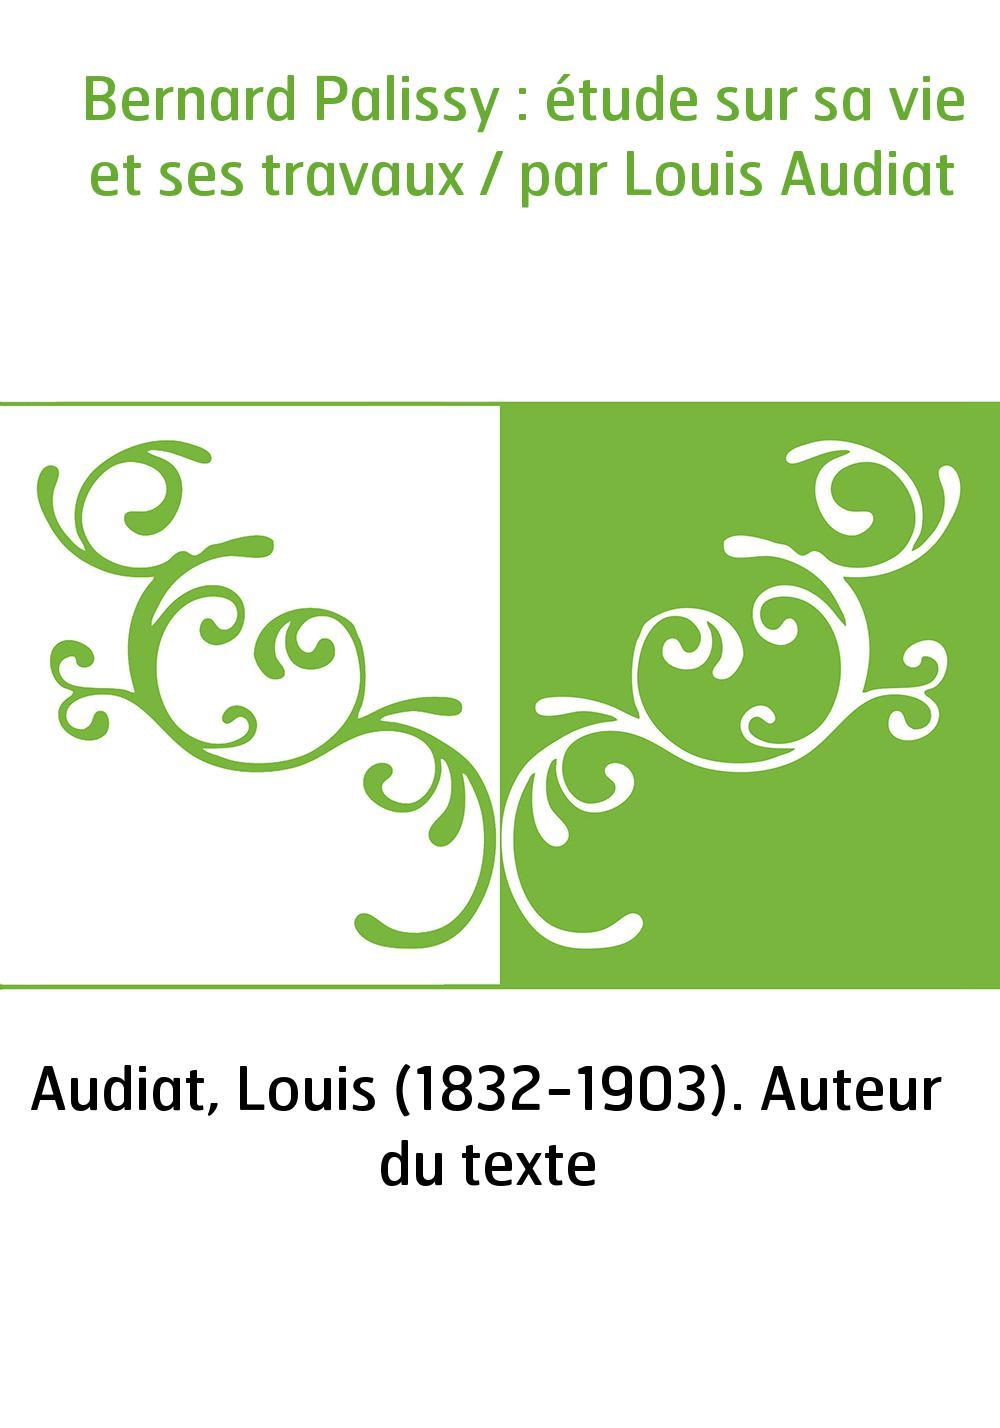 Bernard Palissy : étude sur sa vie et ses travaux / par Louis Audiat